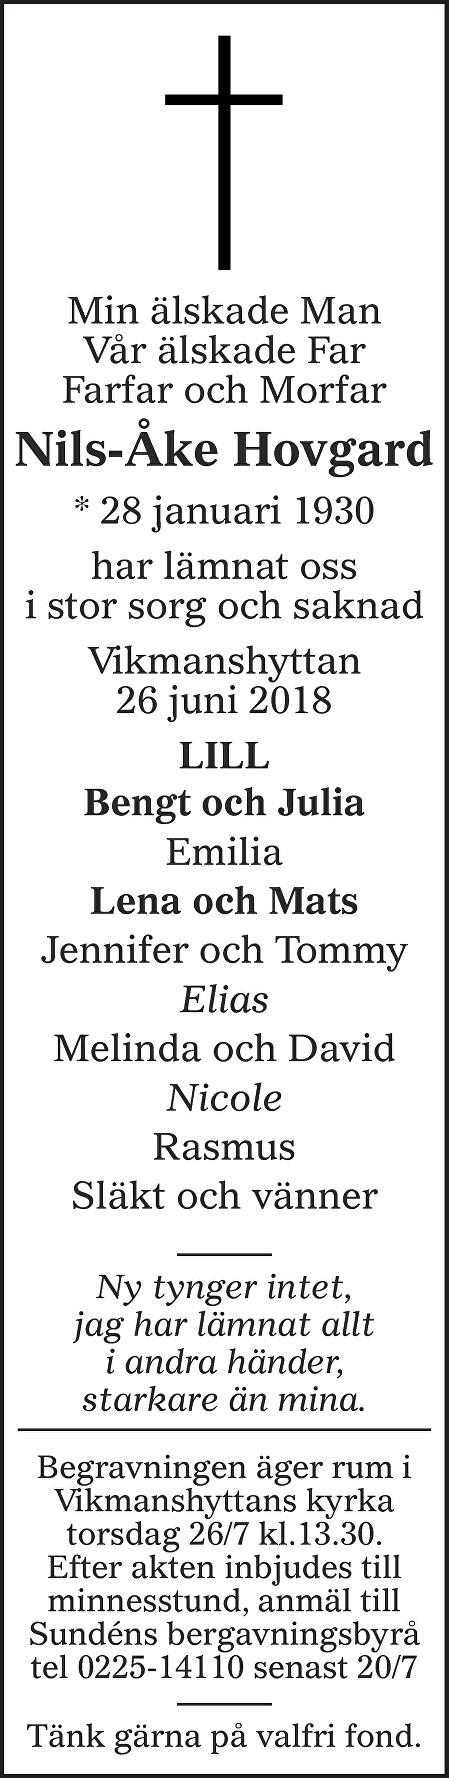 Nils-Åke Hovgard Death notice